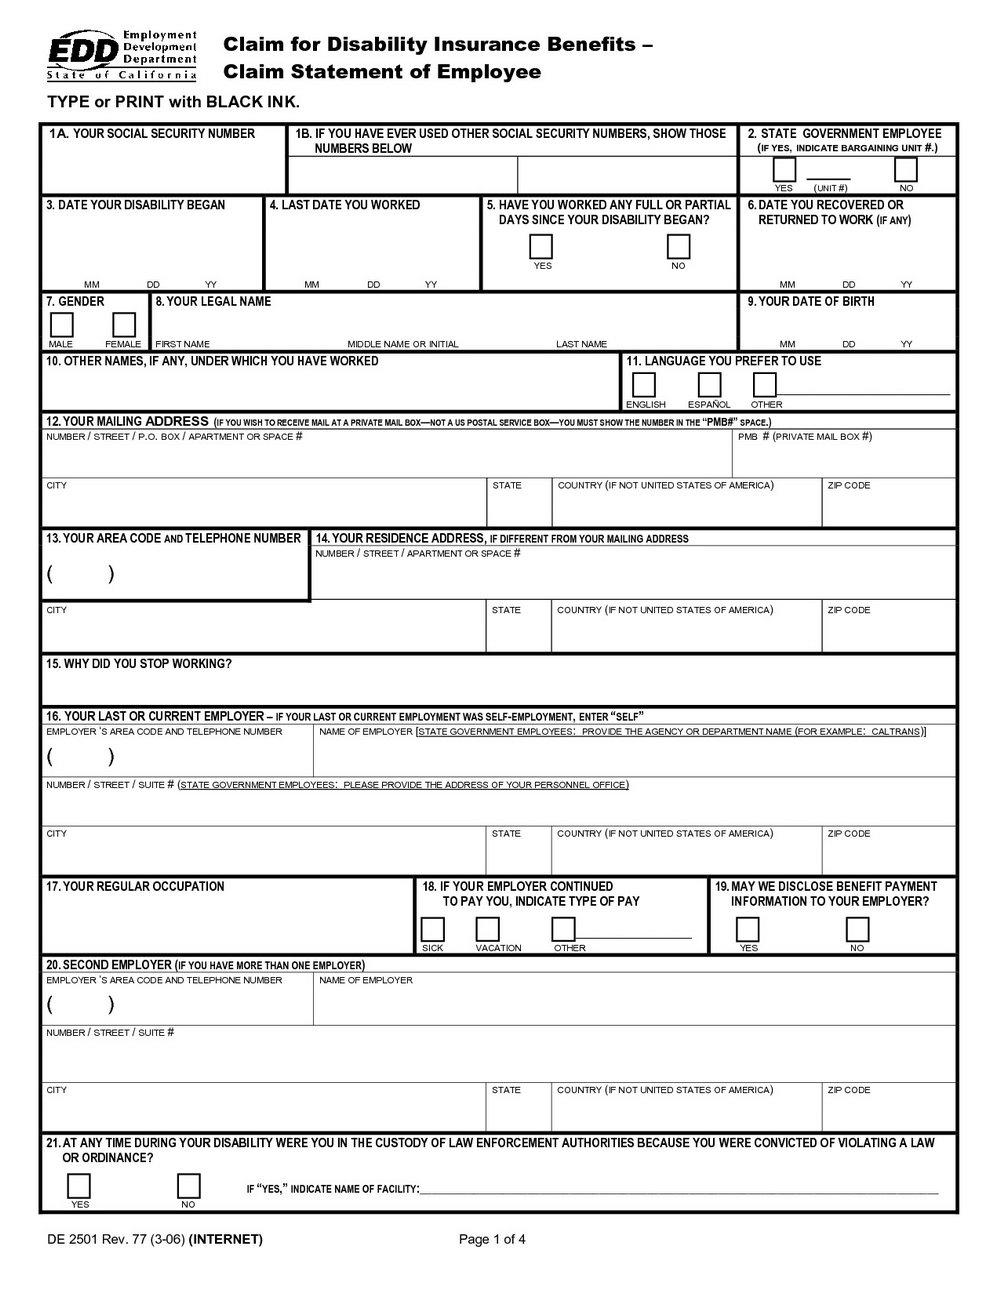 Ssi Application Form Missouri